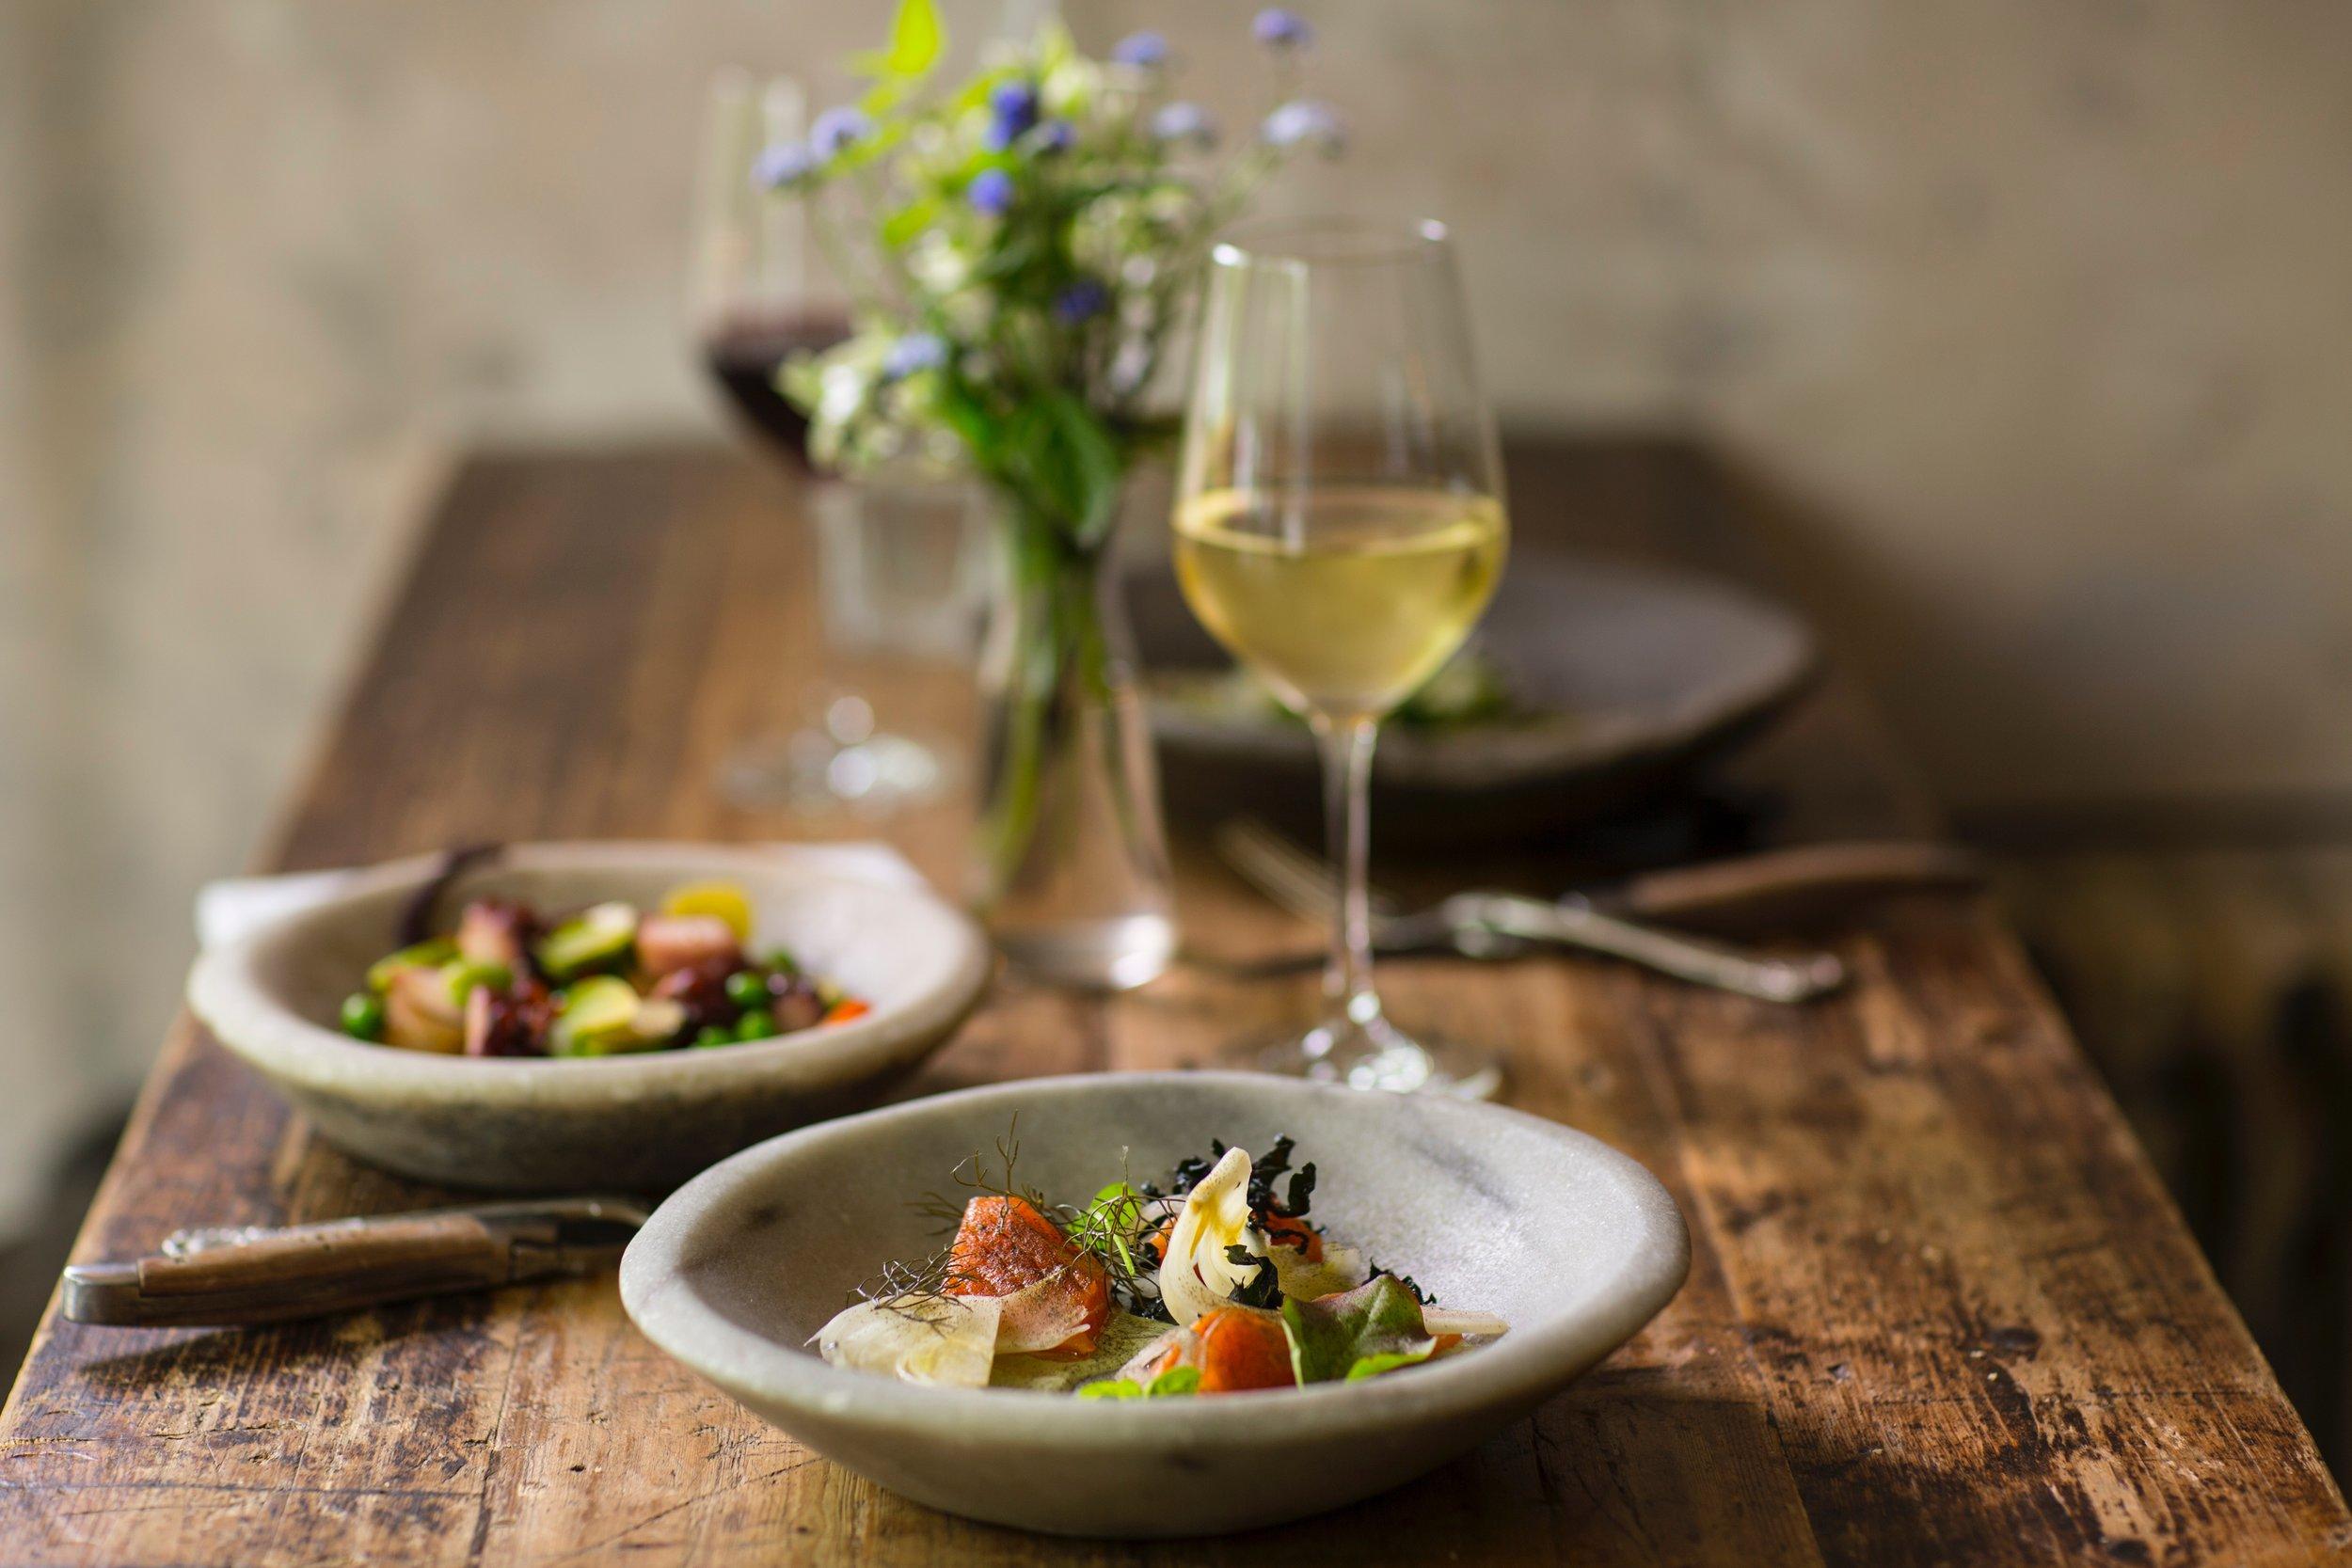 Mein & Dein…das etwas andere Wine & Dine - AUSGEBUCHTFreitag, 26. April 2019, ab 18.00 Uhr Apéro, 19.00 Uhr Essen5-Gang Menü mit den passenden Weinen, welche von Arndt Köbelin persönlich vorgestellt werden.